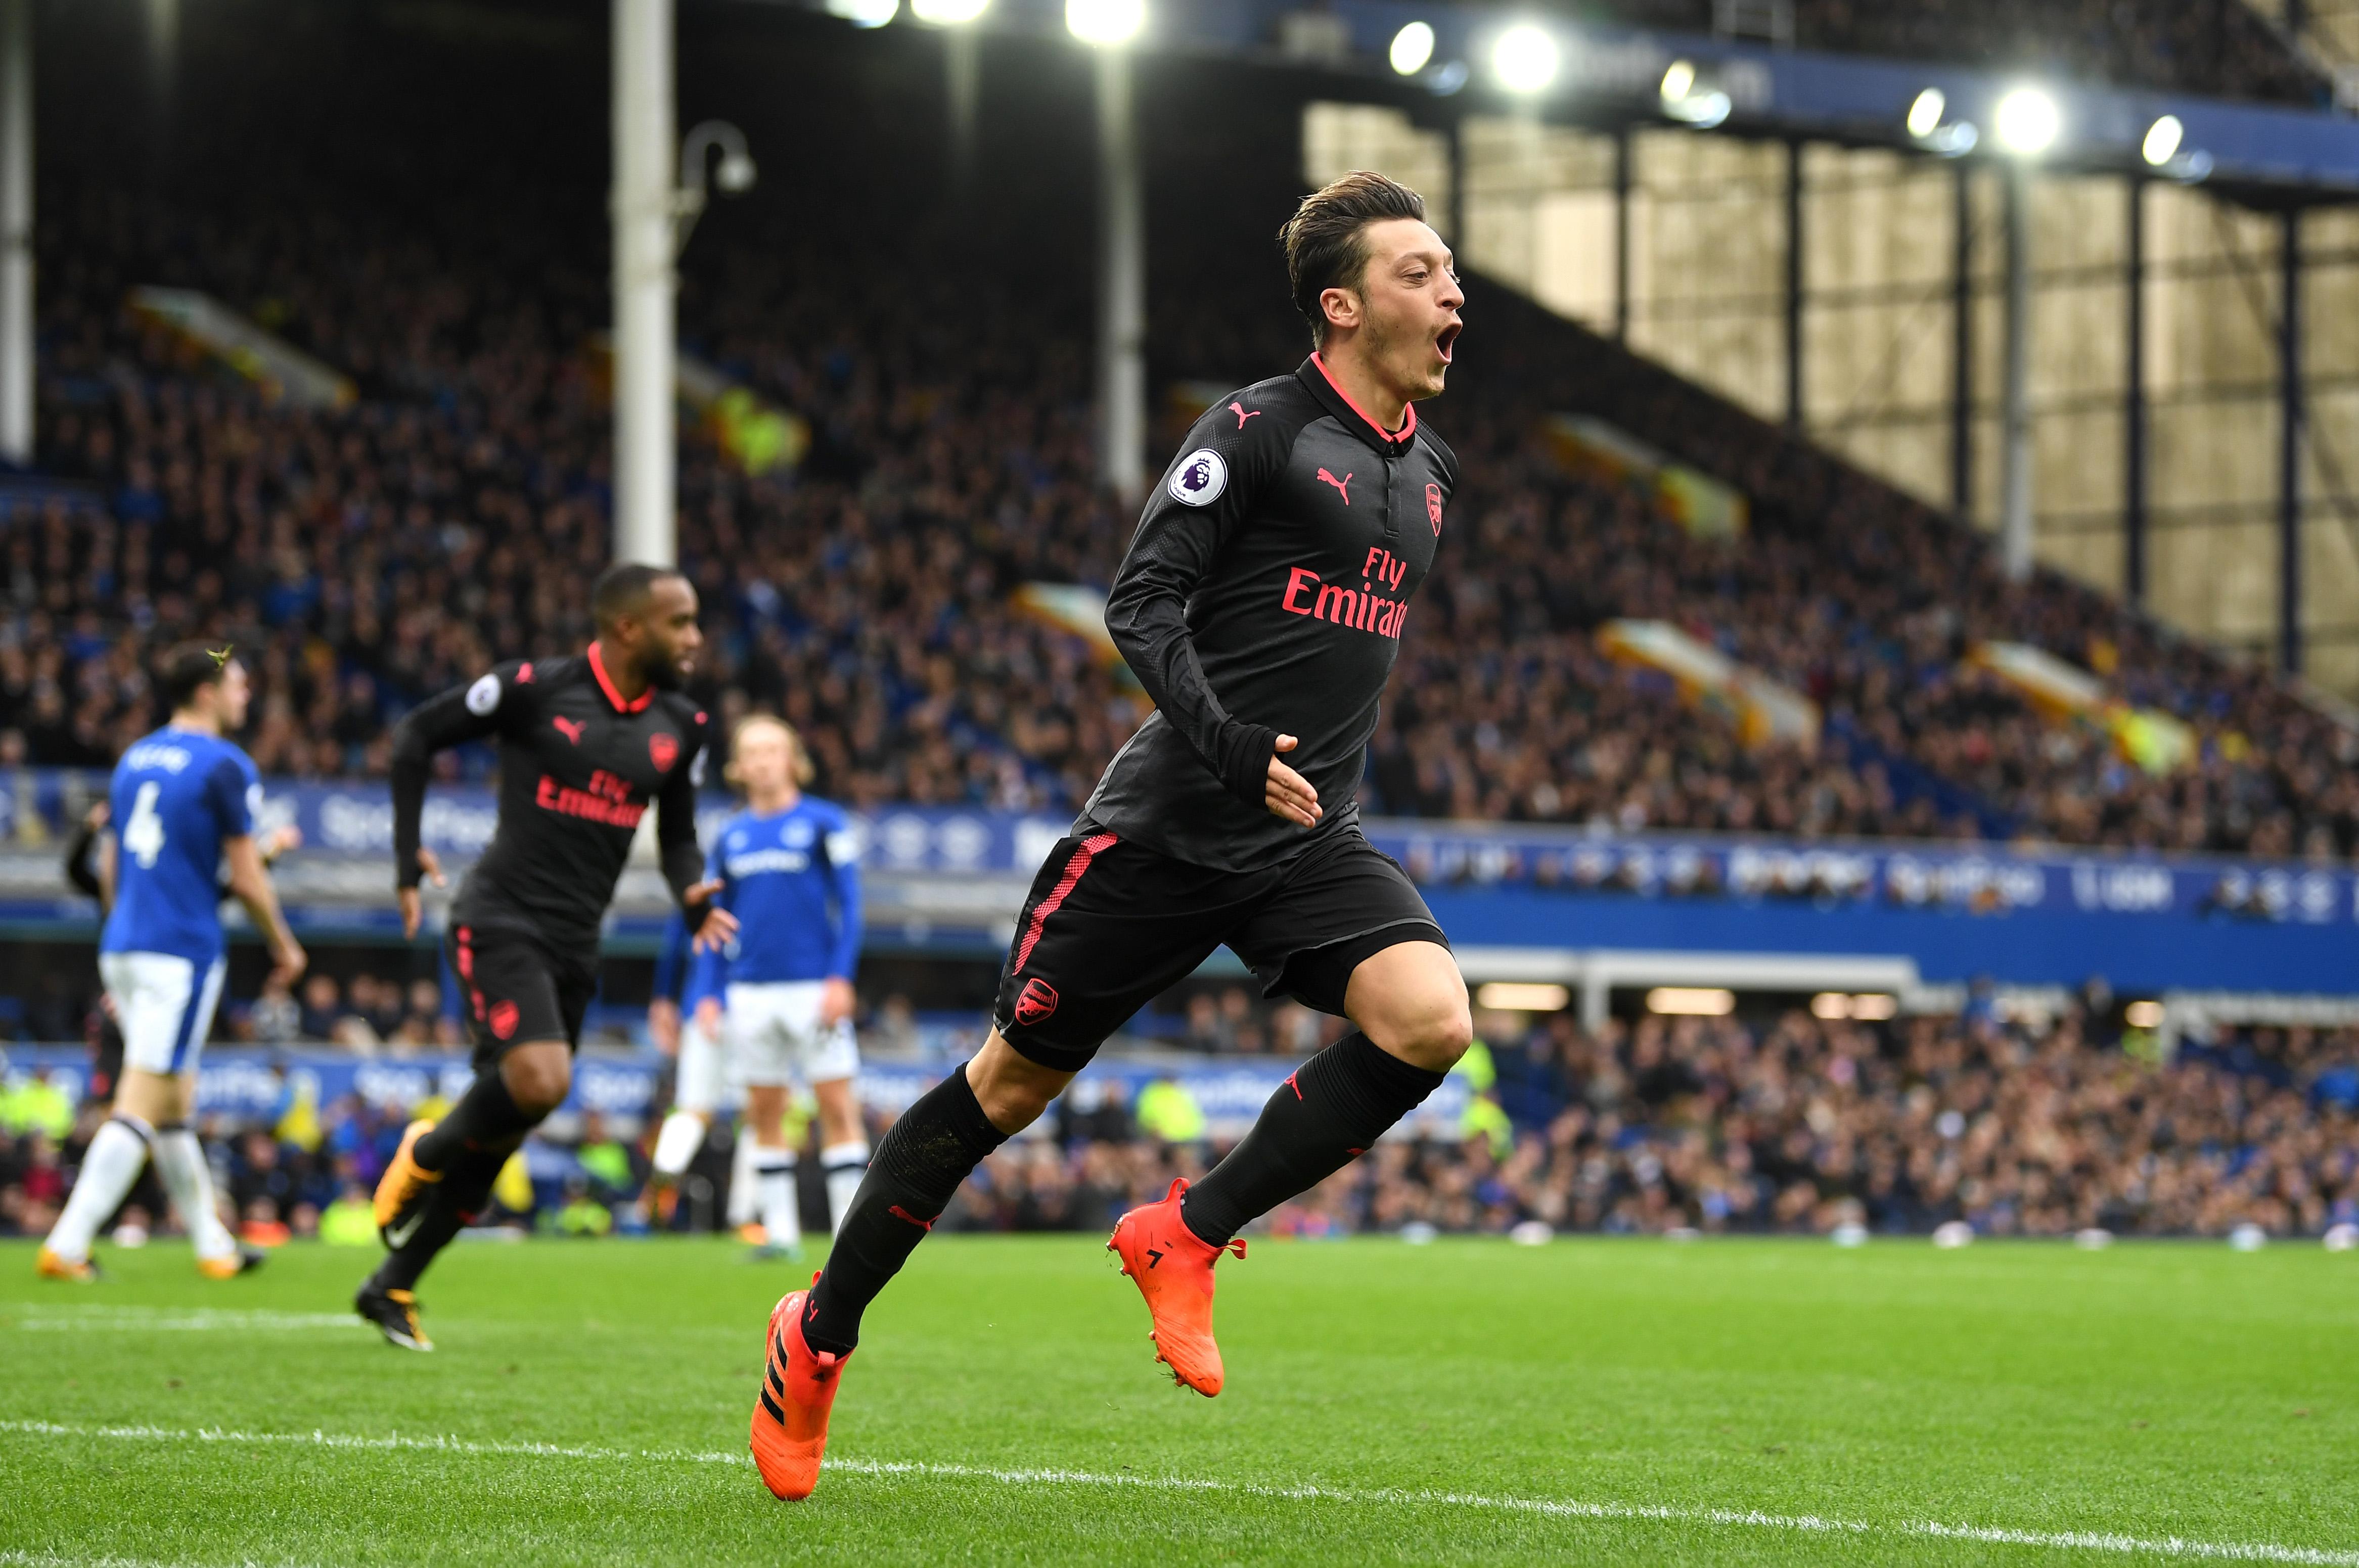 Man Utd không cần bạo chi vì Mesut Ozil - Bóng Đá